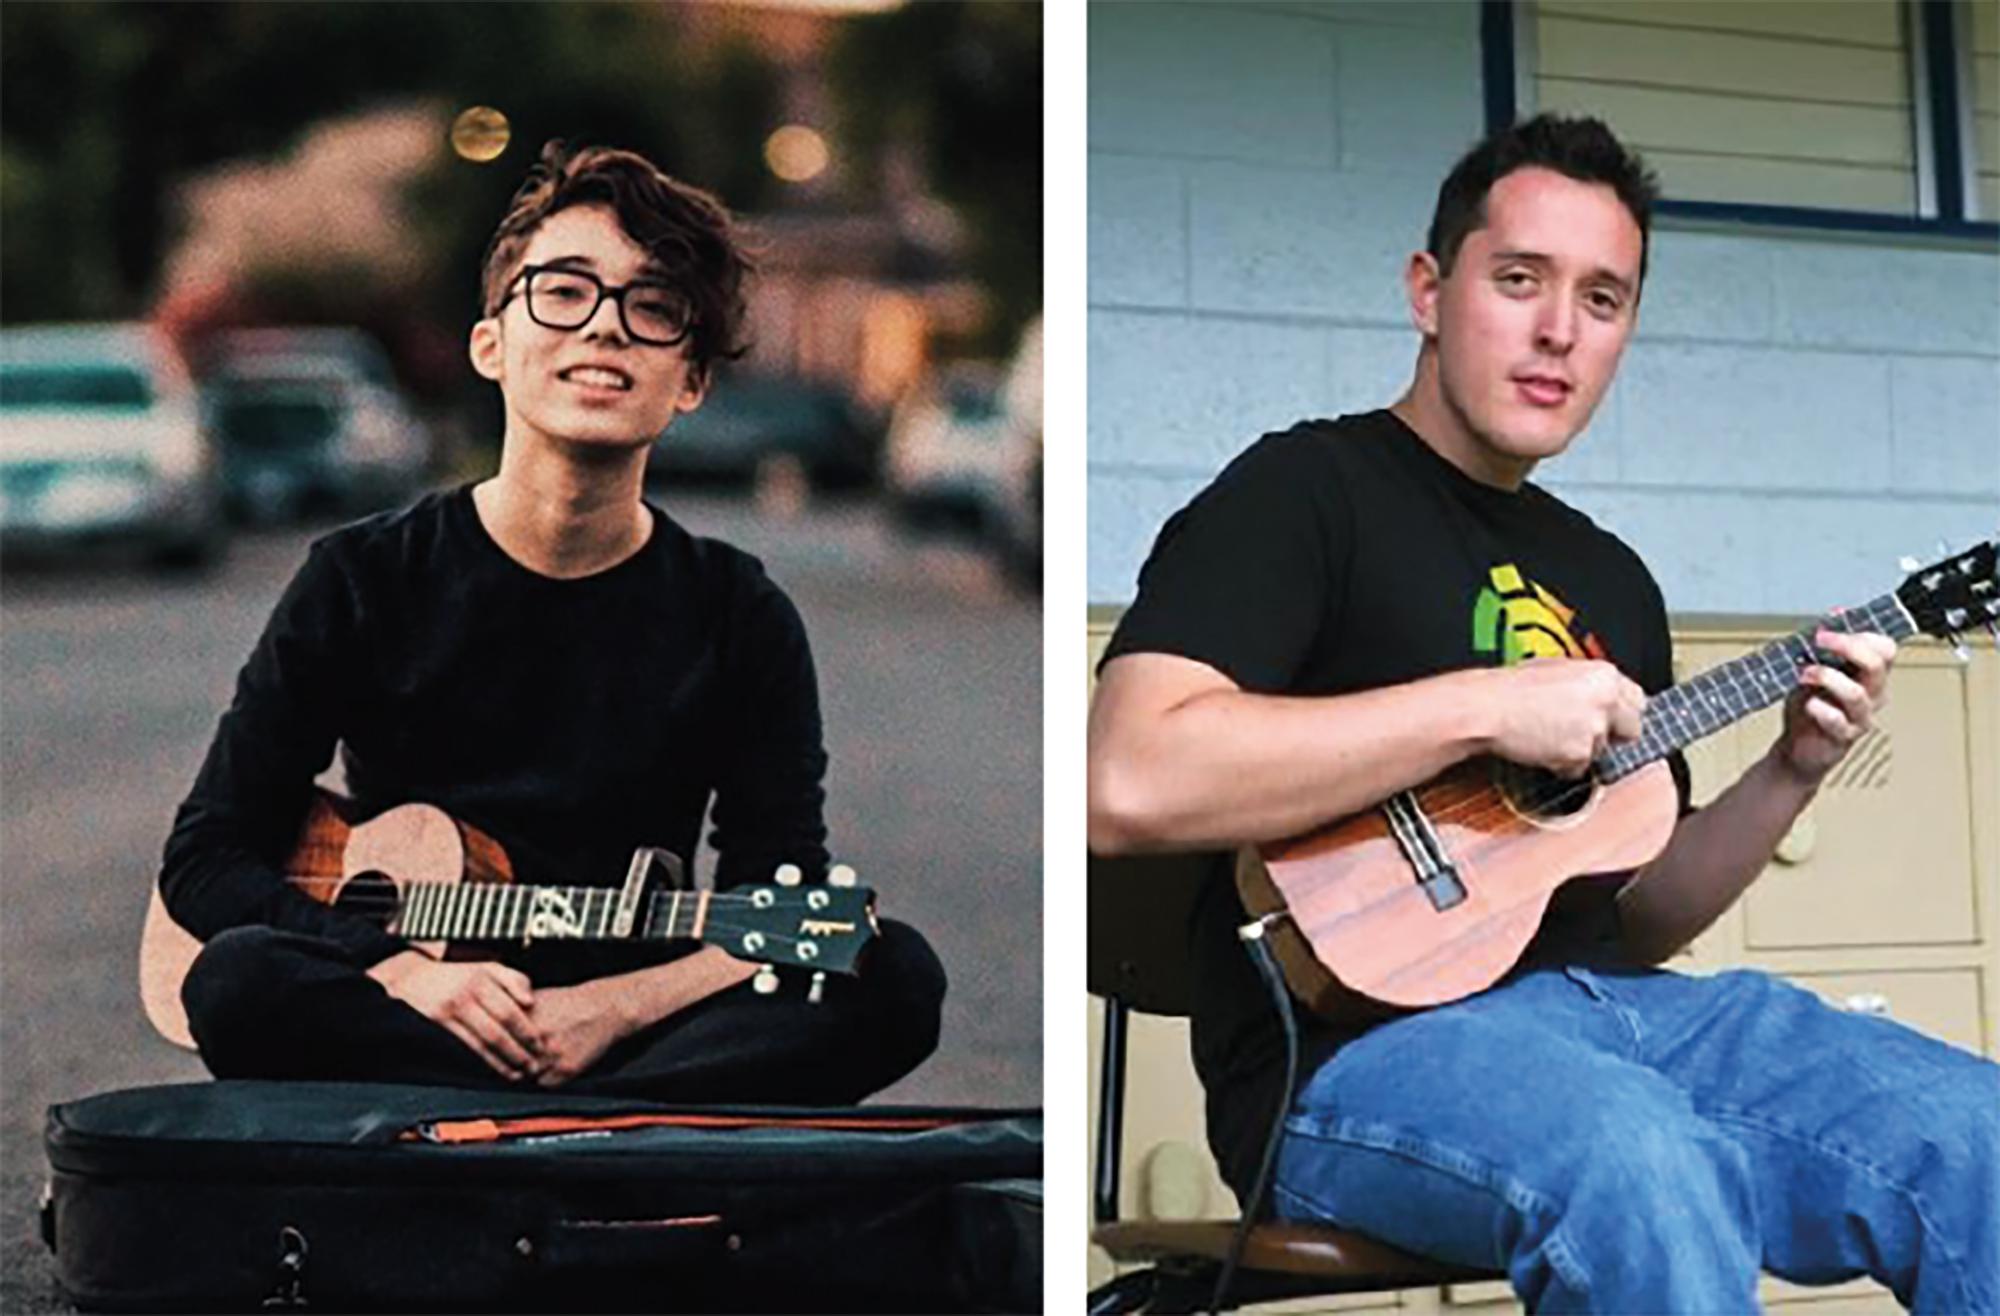 Originaires de Hawaii, Aidan James et Andrew Molina sont les deux invités internationaux.